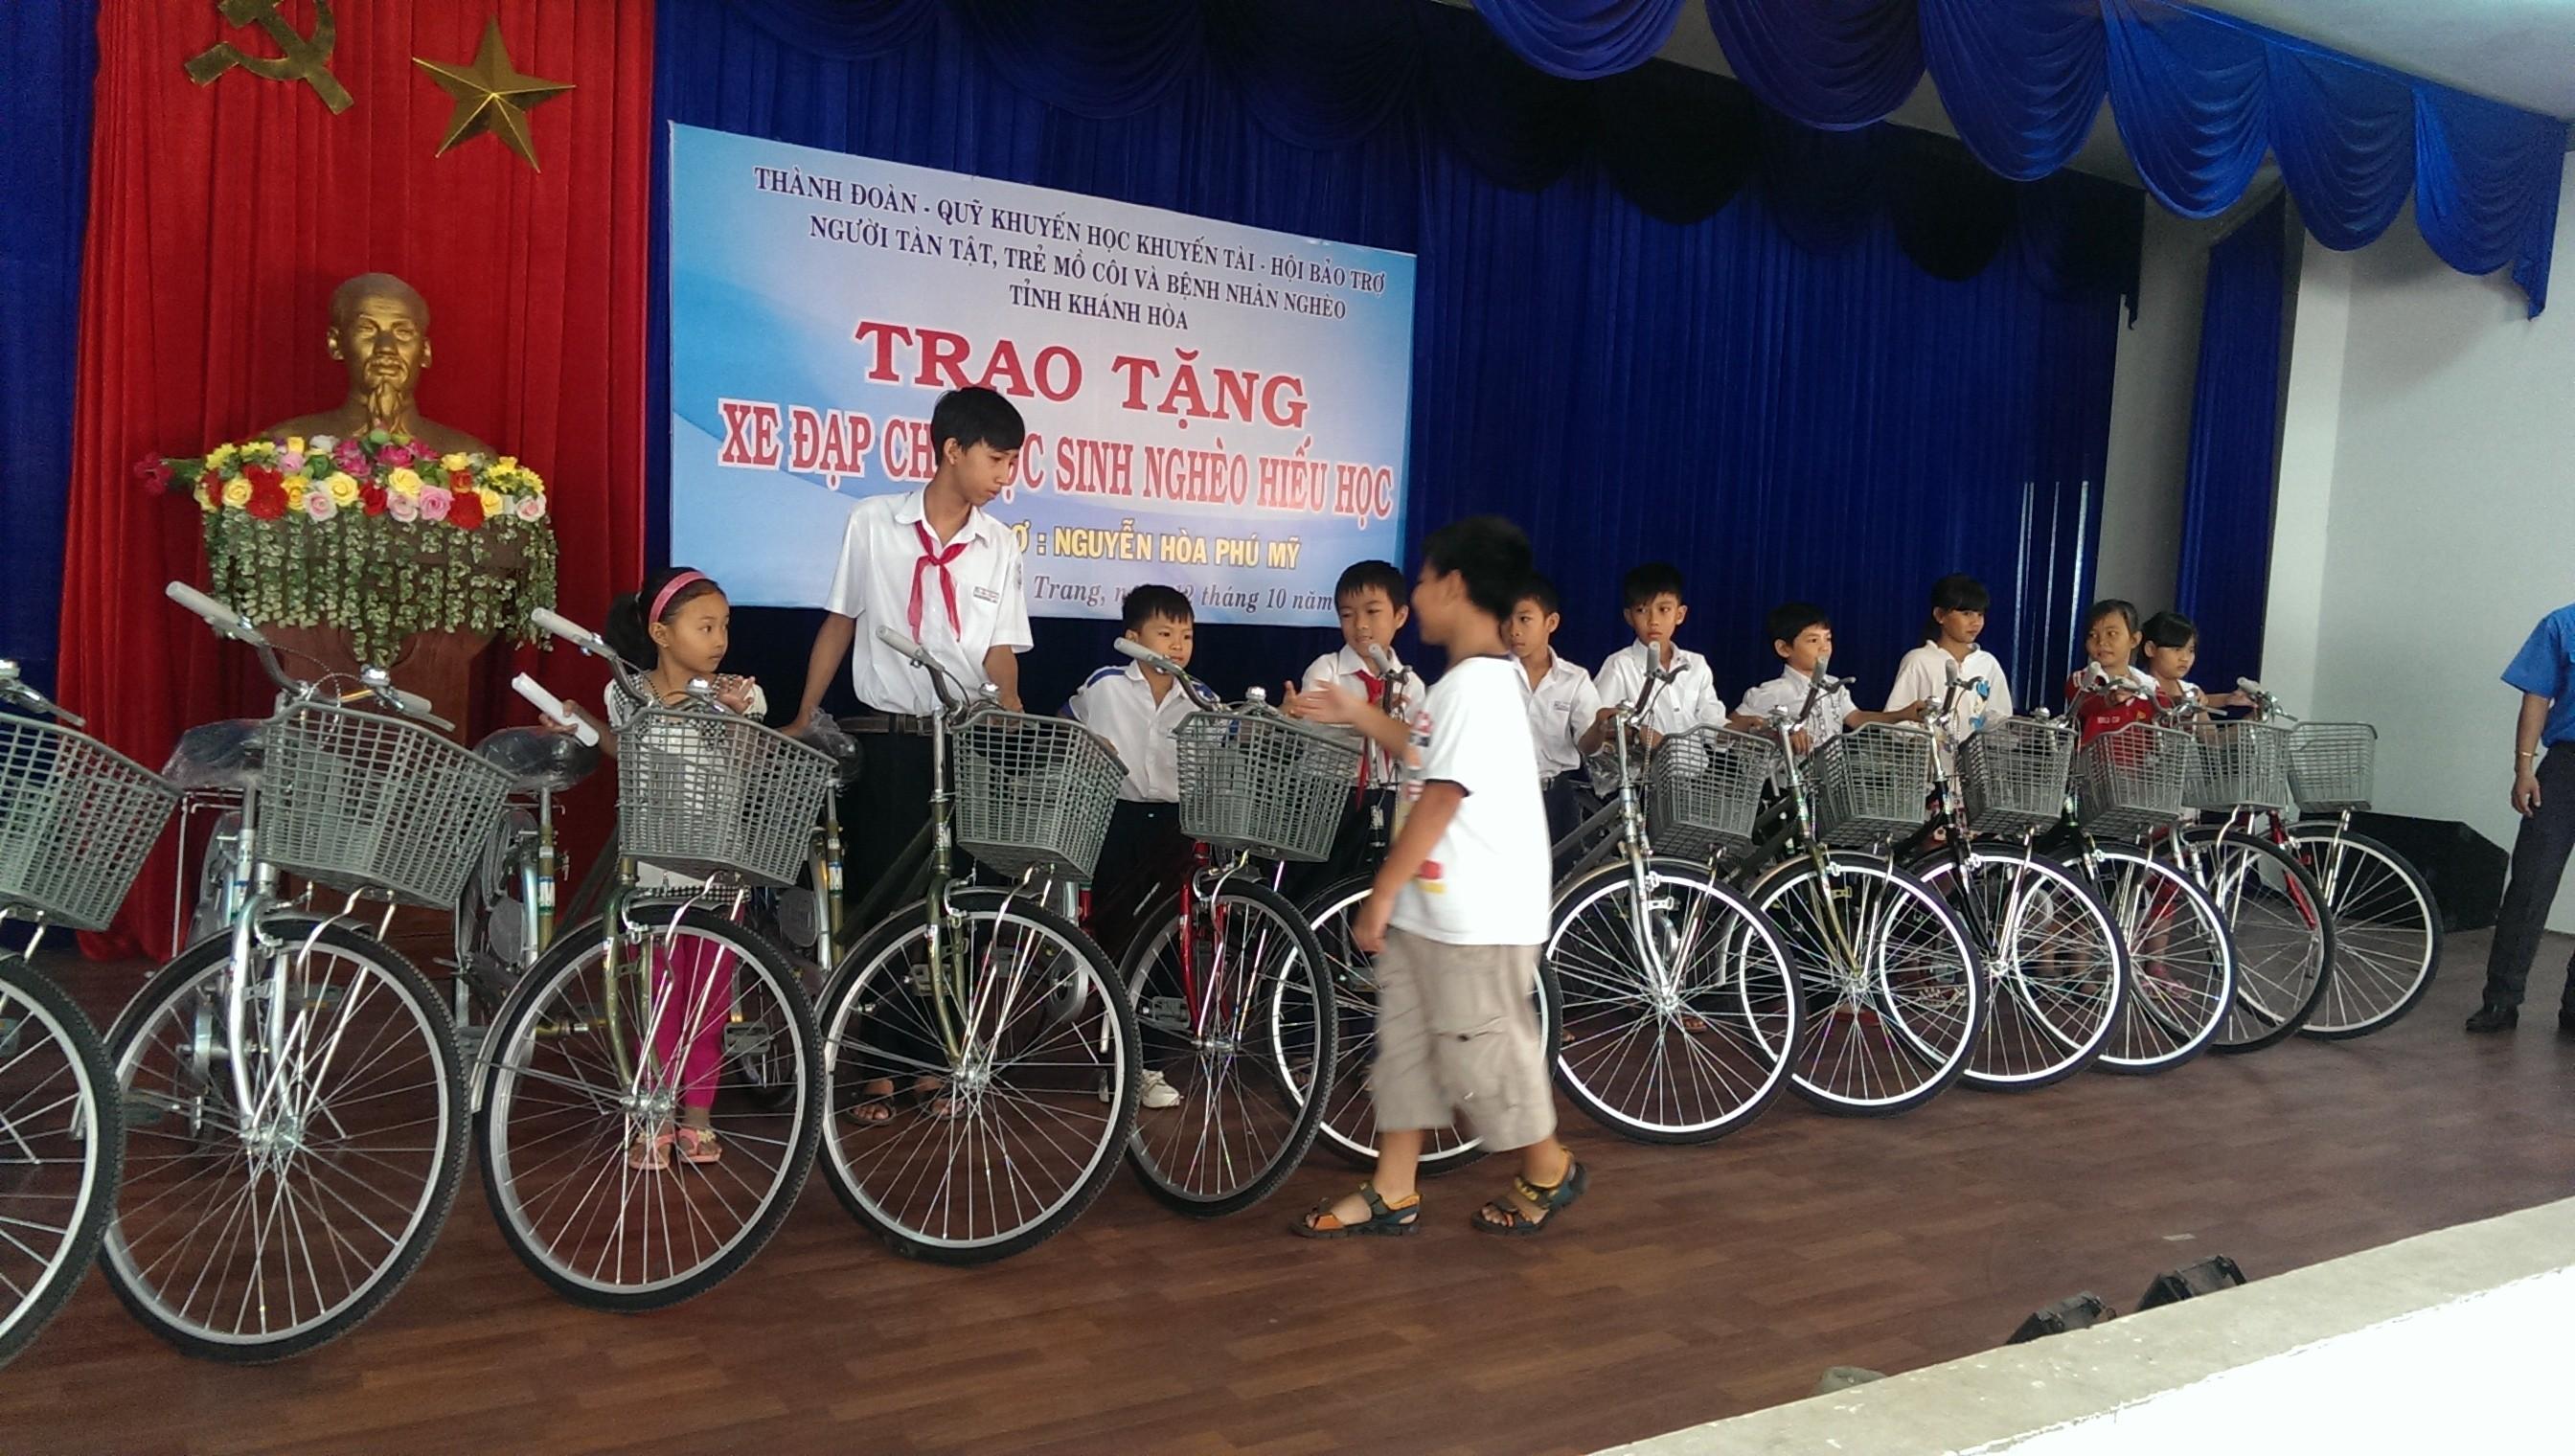 BC3B9i20HE1BB93ng20TiE1BABFn202 - Nha Trang: Trao tặng xe đạp cho các em học sinh có hoàn cảnh khó khăn